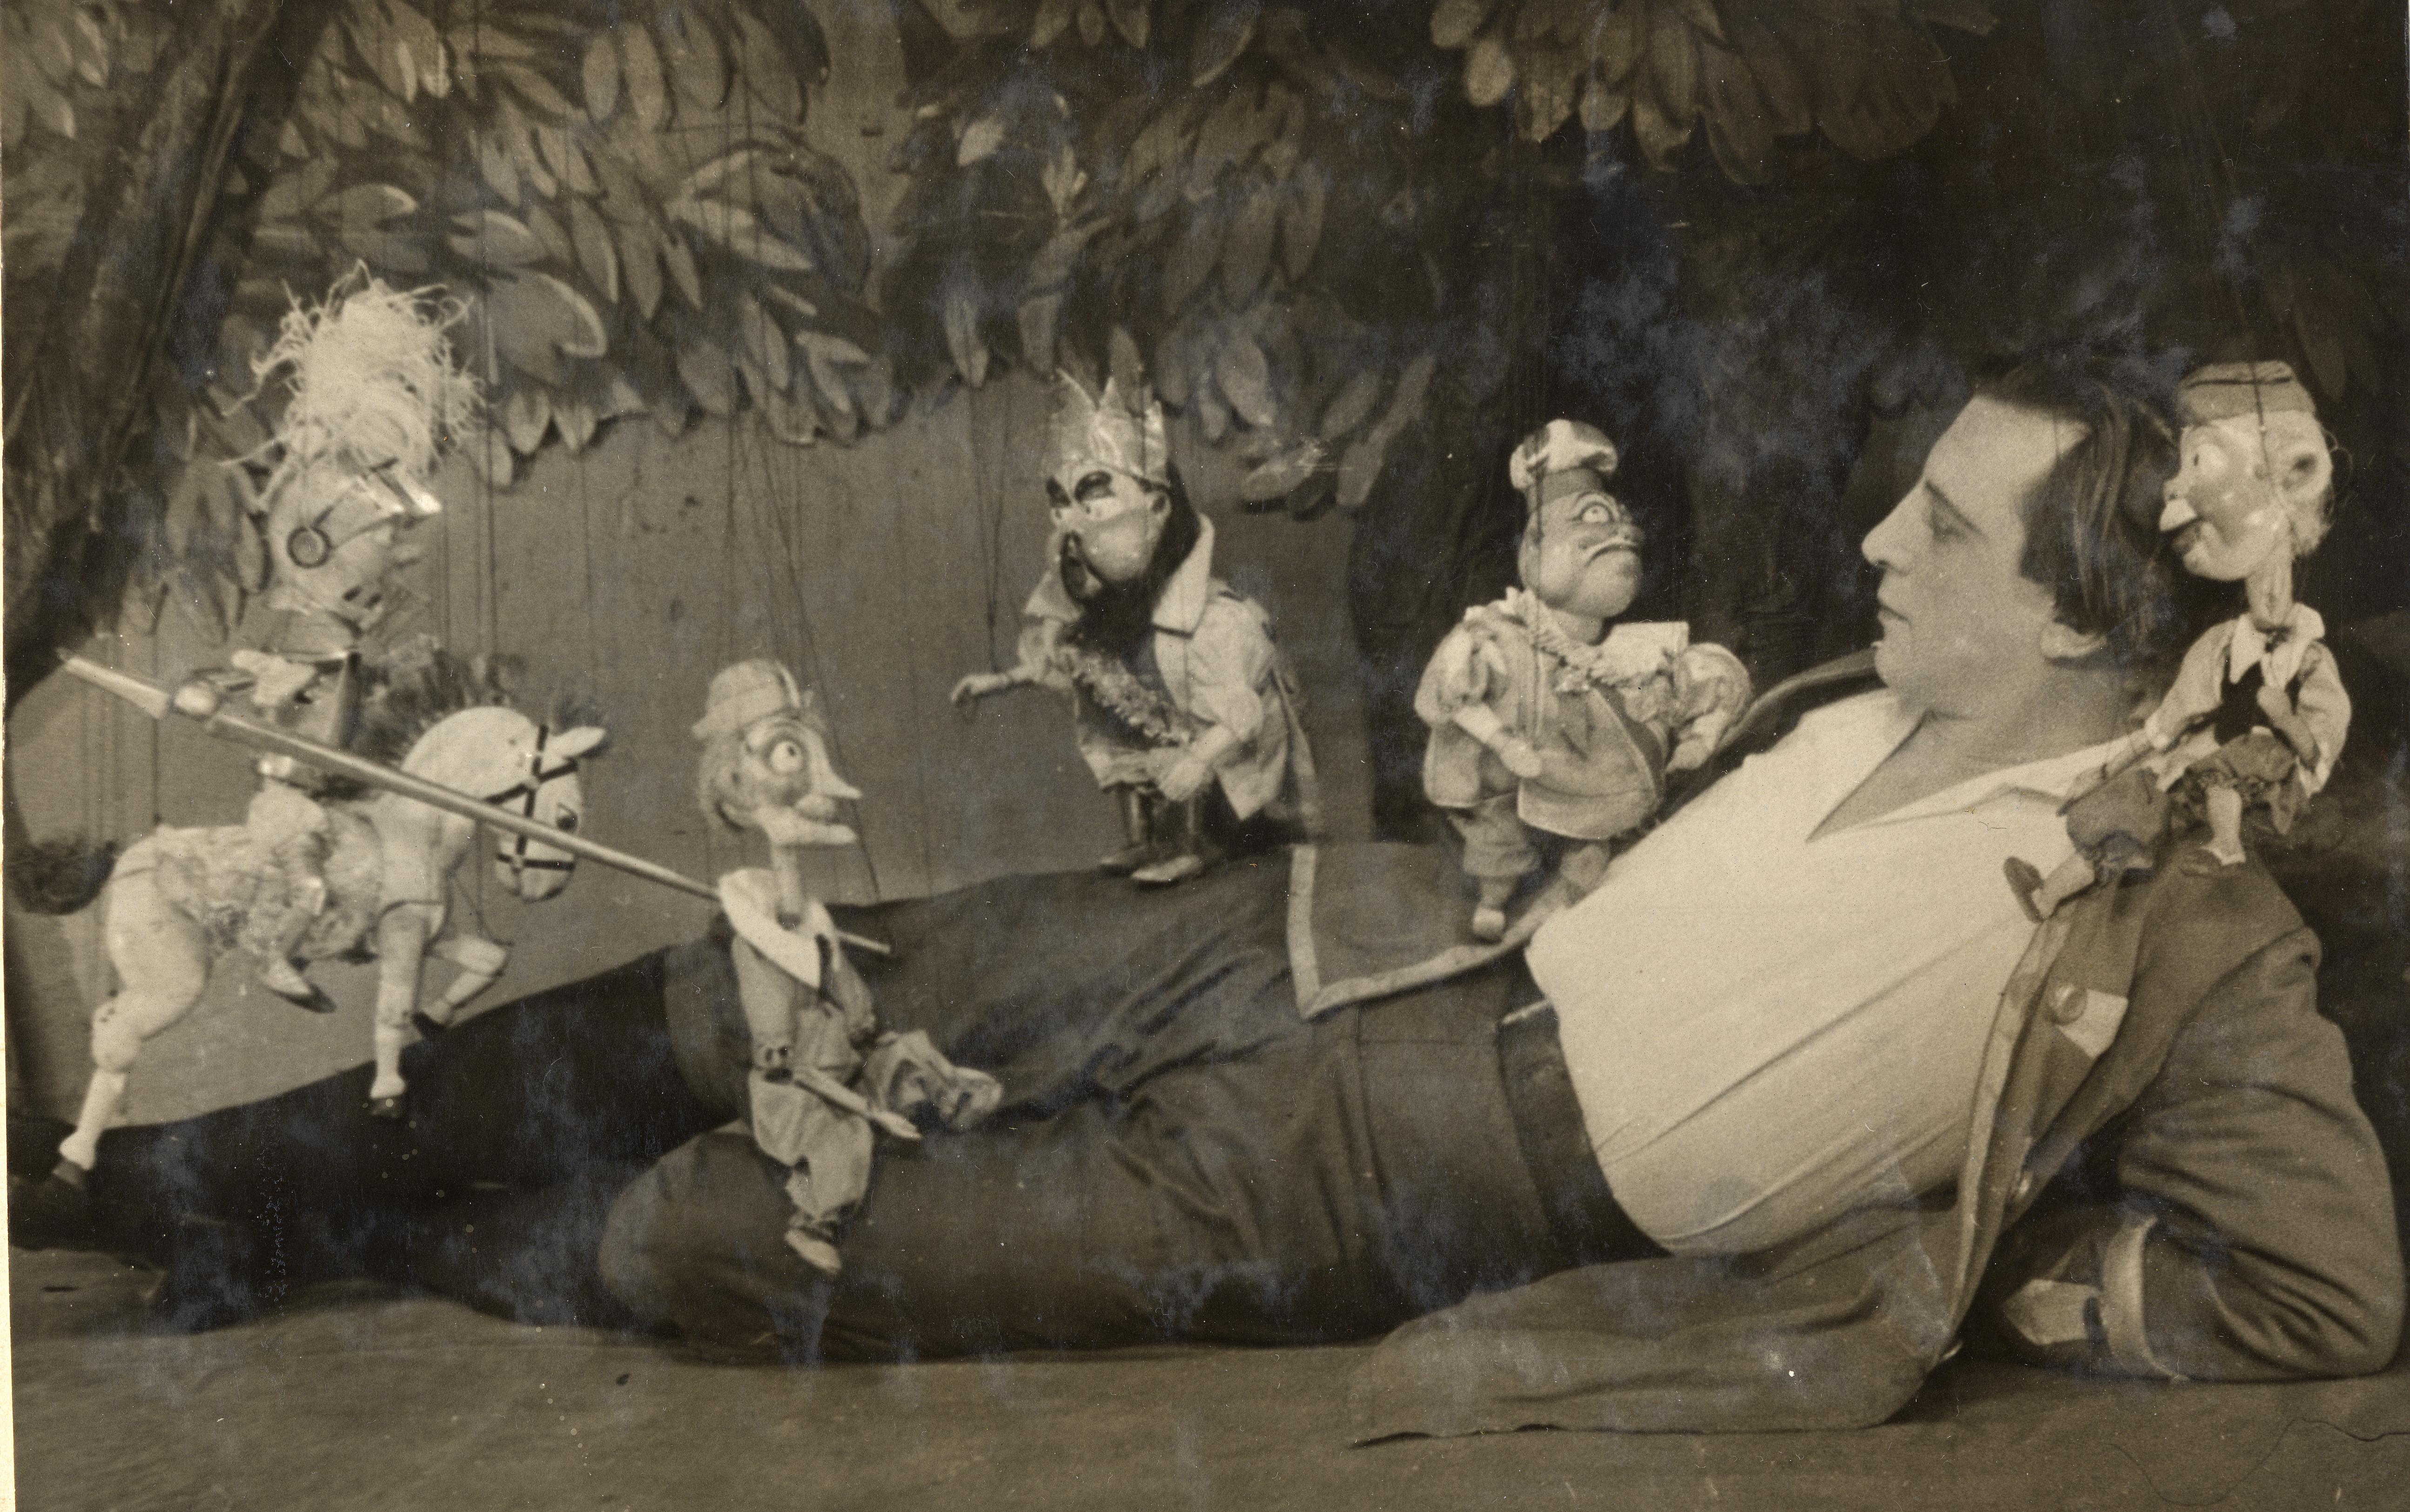 <em>Gulliver v strane lilliputov</em> (Gulliver au pays de Lilliput, 1928), d'après le roman de Jonathan Swift, par Teatr Petrushki (Leningrad, URSS), mise en scène : Evgueni Demmeni, scénographie: Nikolaï Kochergin. Photo (1936) avec l'acteur Mikhaïl Drozzhin en Gulliver. Photo réproduite avec l'aimable autorisation de Archive : Teatr marionetok imeni E.S. Demmeni (Saint-Pétersbourg, Russie)